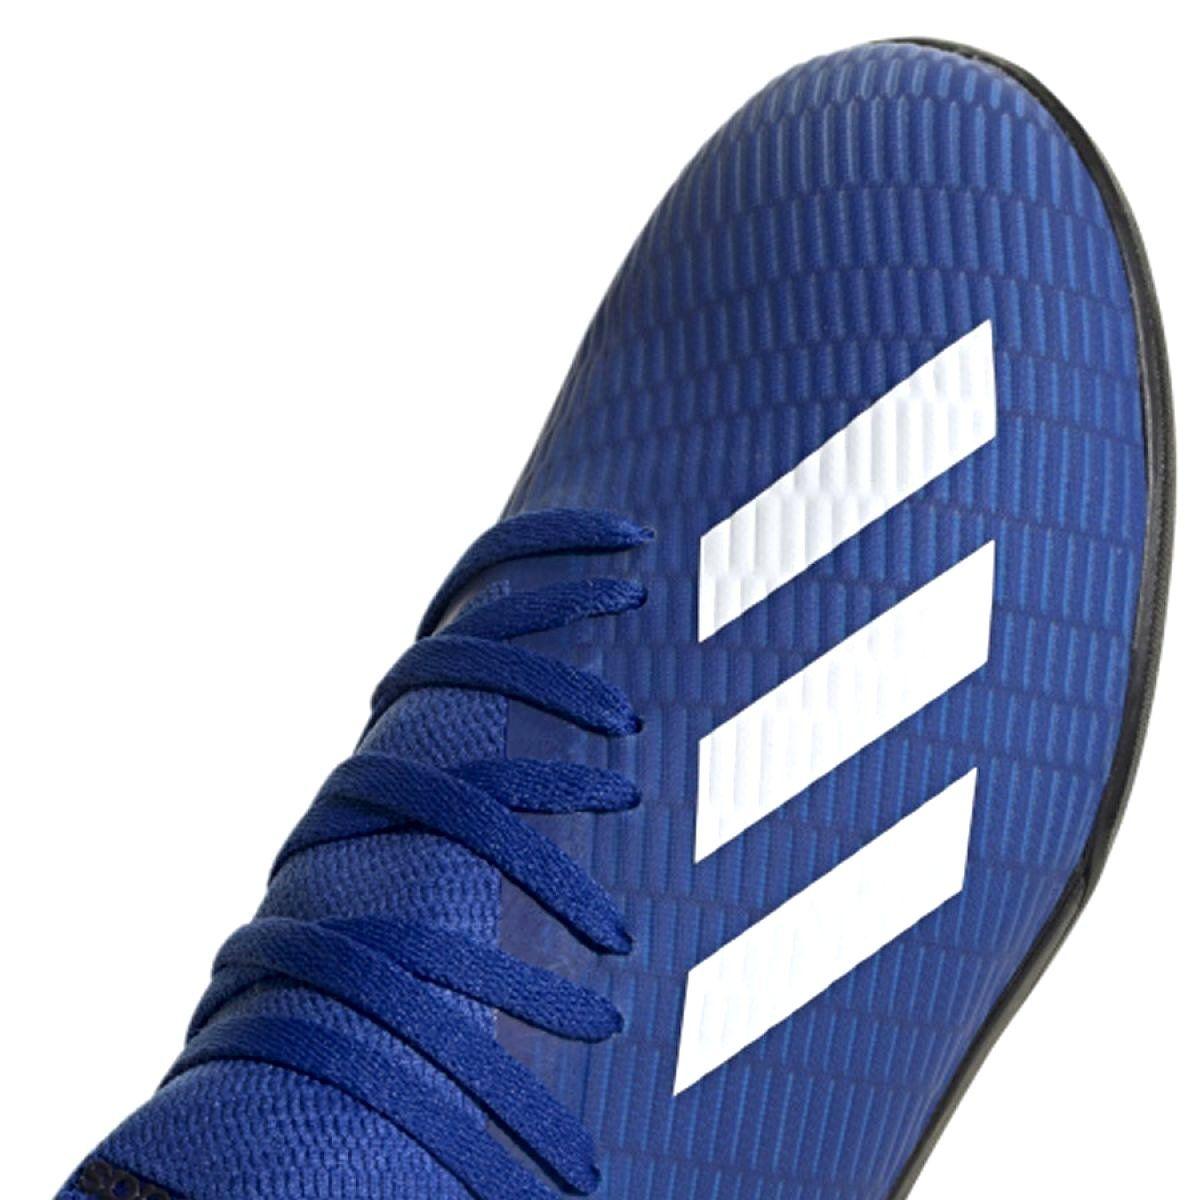 Buty Pilkarskie Adidas X 19 3 Tf Jr Eg7172 Niebieskie Niebieski Buty Adidas I Niebieski